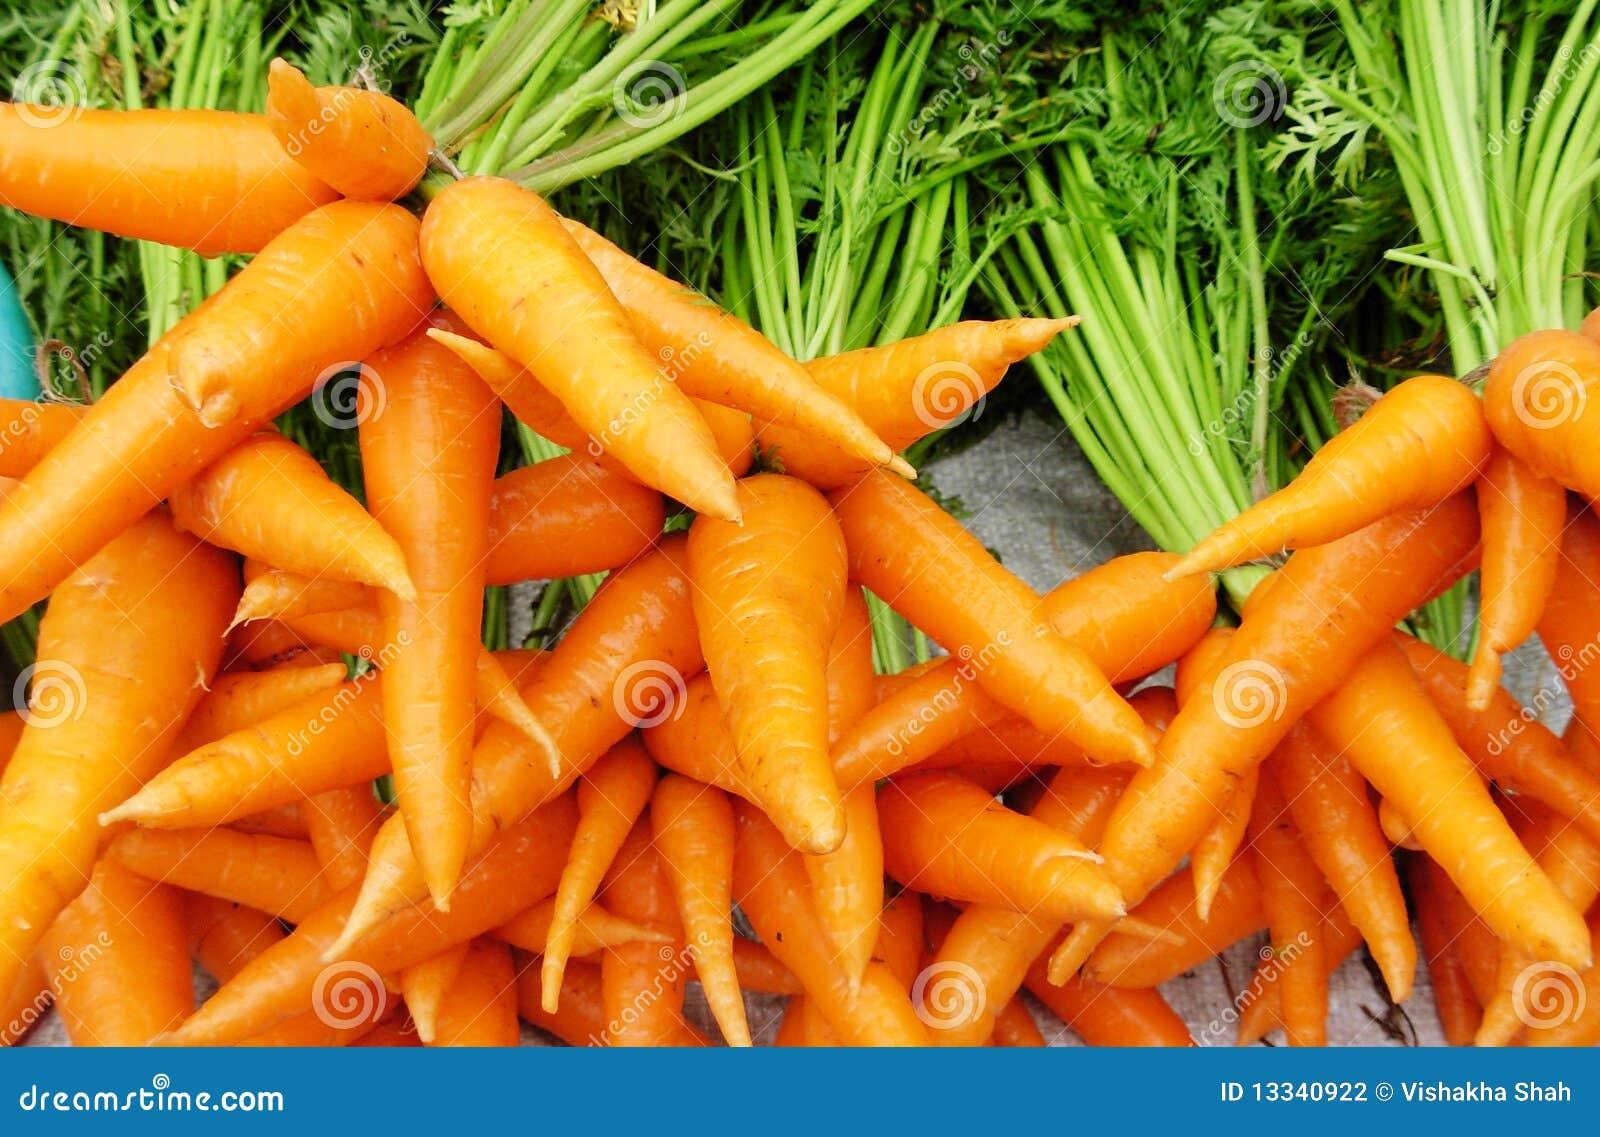 Marchewki pomarańczowe